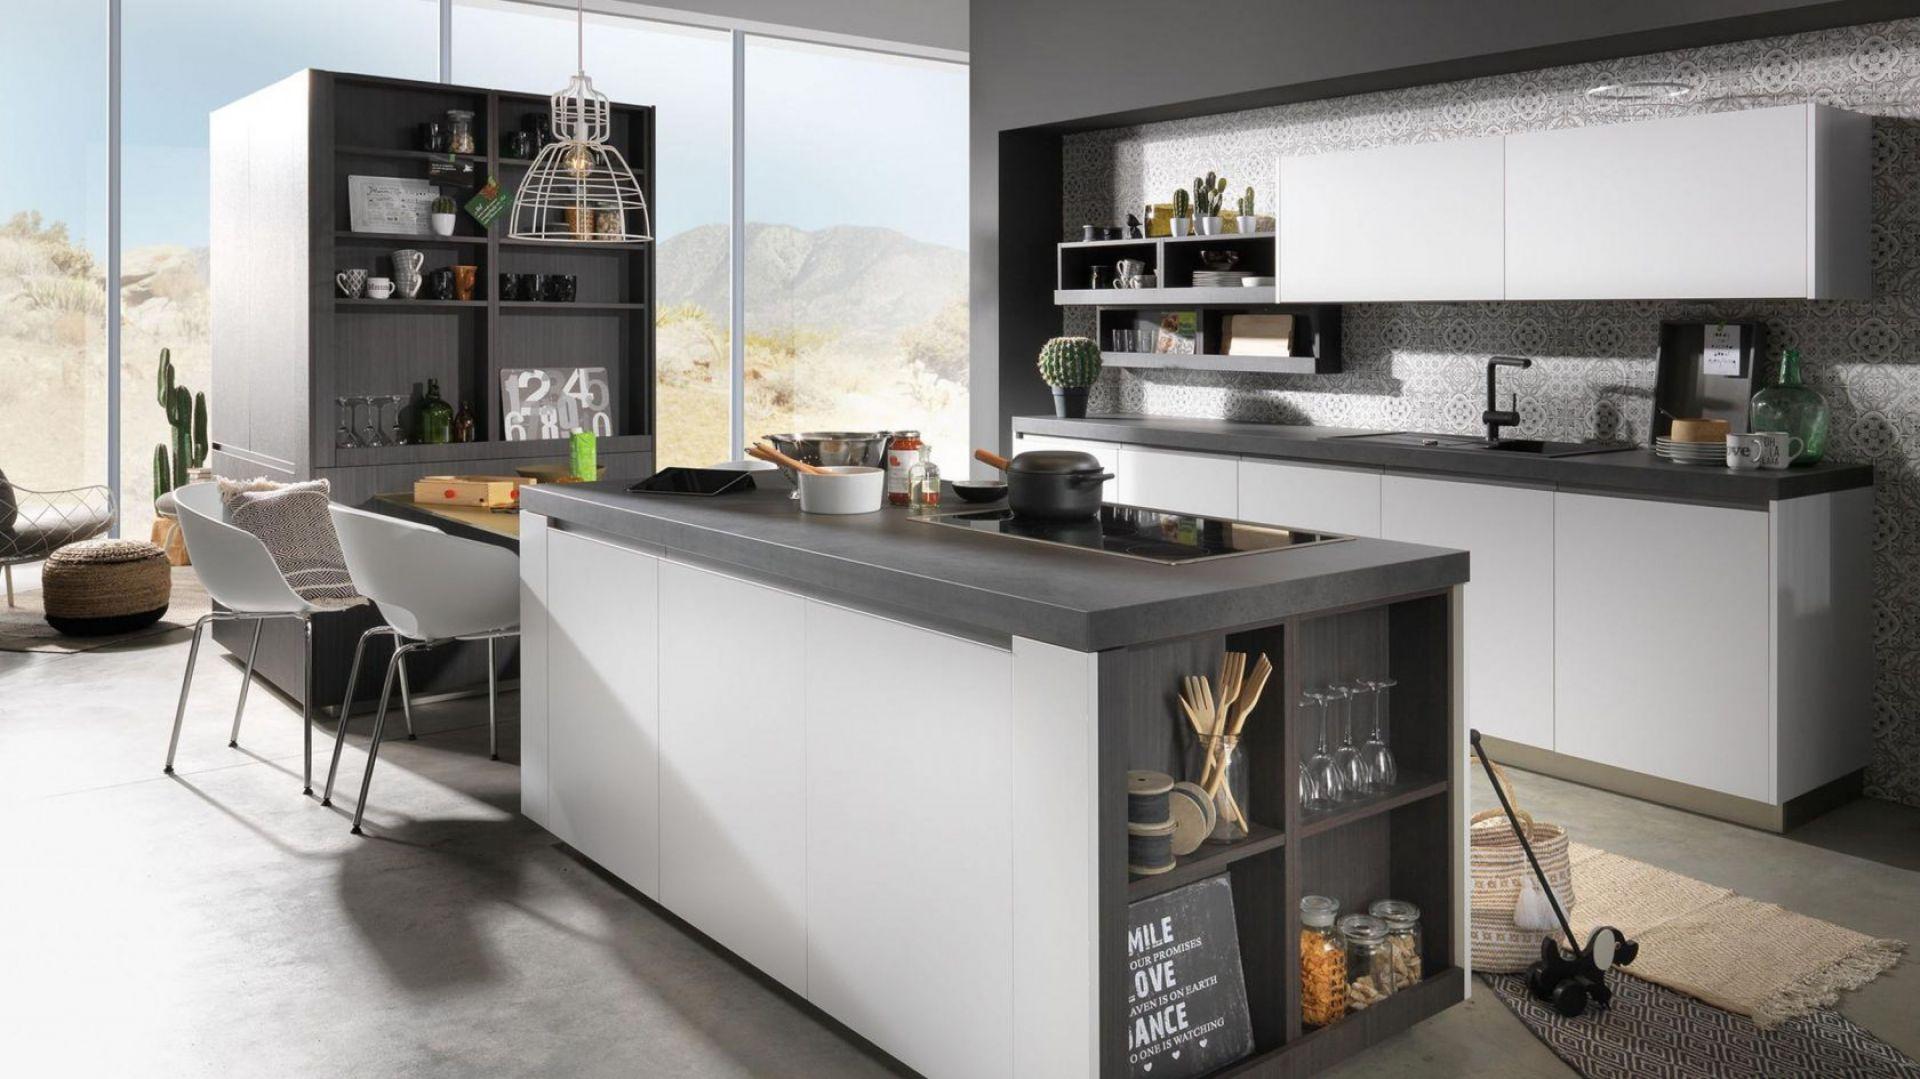 Tu na wyspie kuchennej fronty zaprojektowano w innym kolorze niż blaty. Takie mniej lub bardziej kontrastowe zestawienia w kuchni zyskują na popularności. Fot. Rational